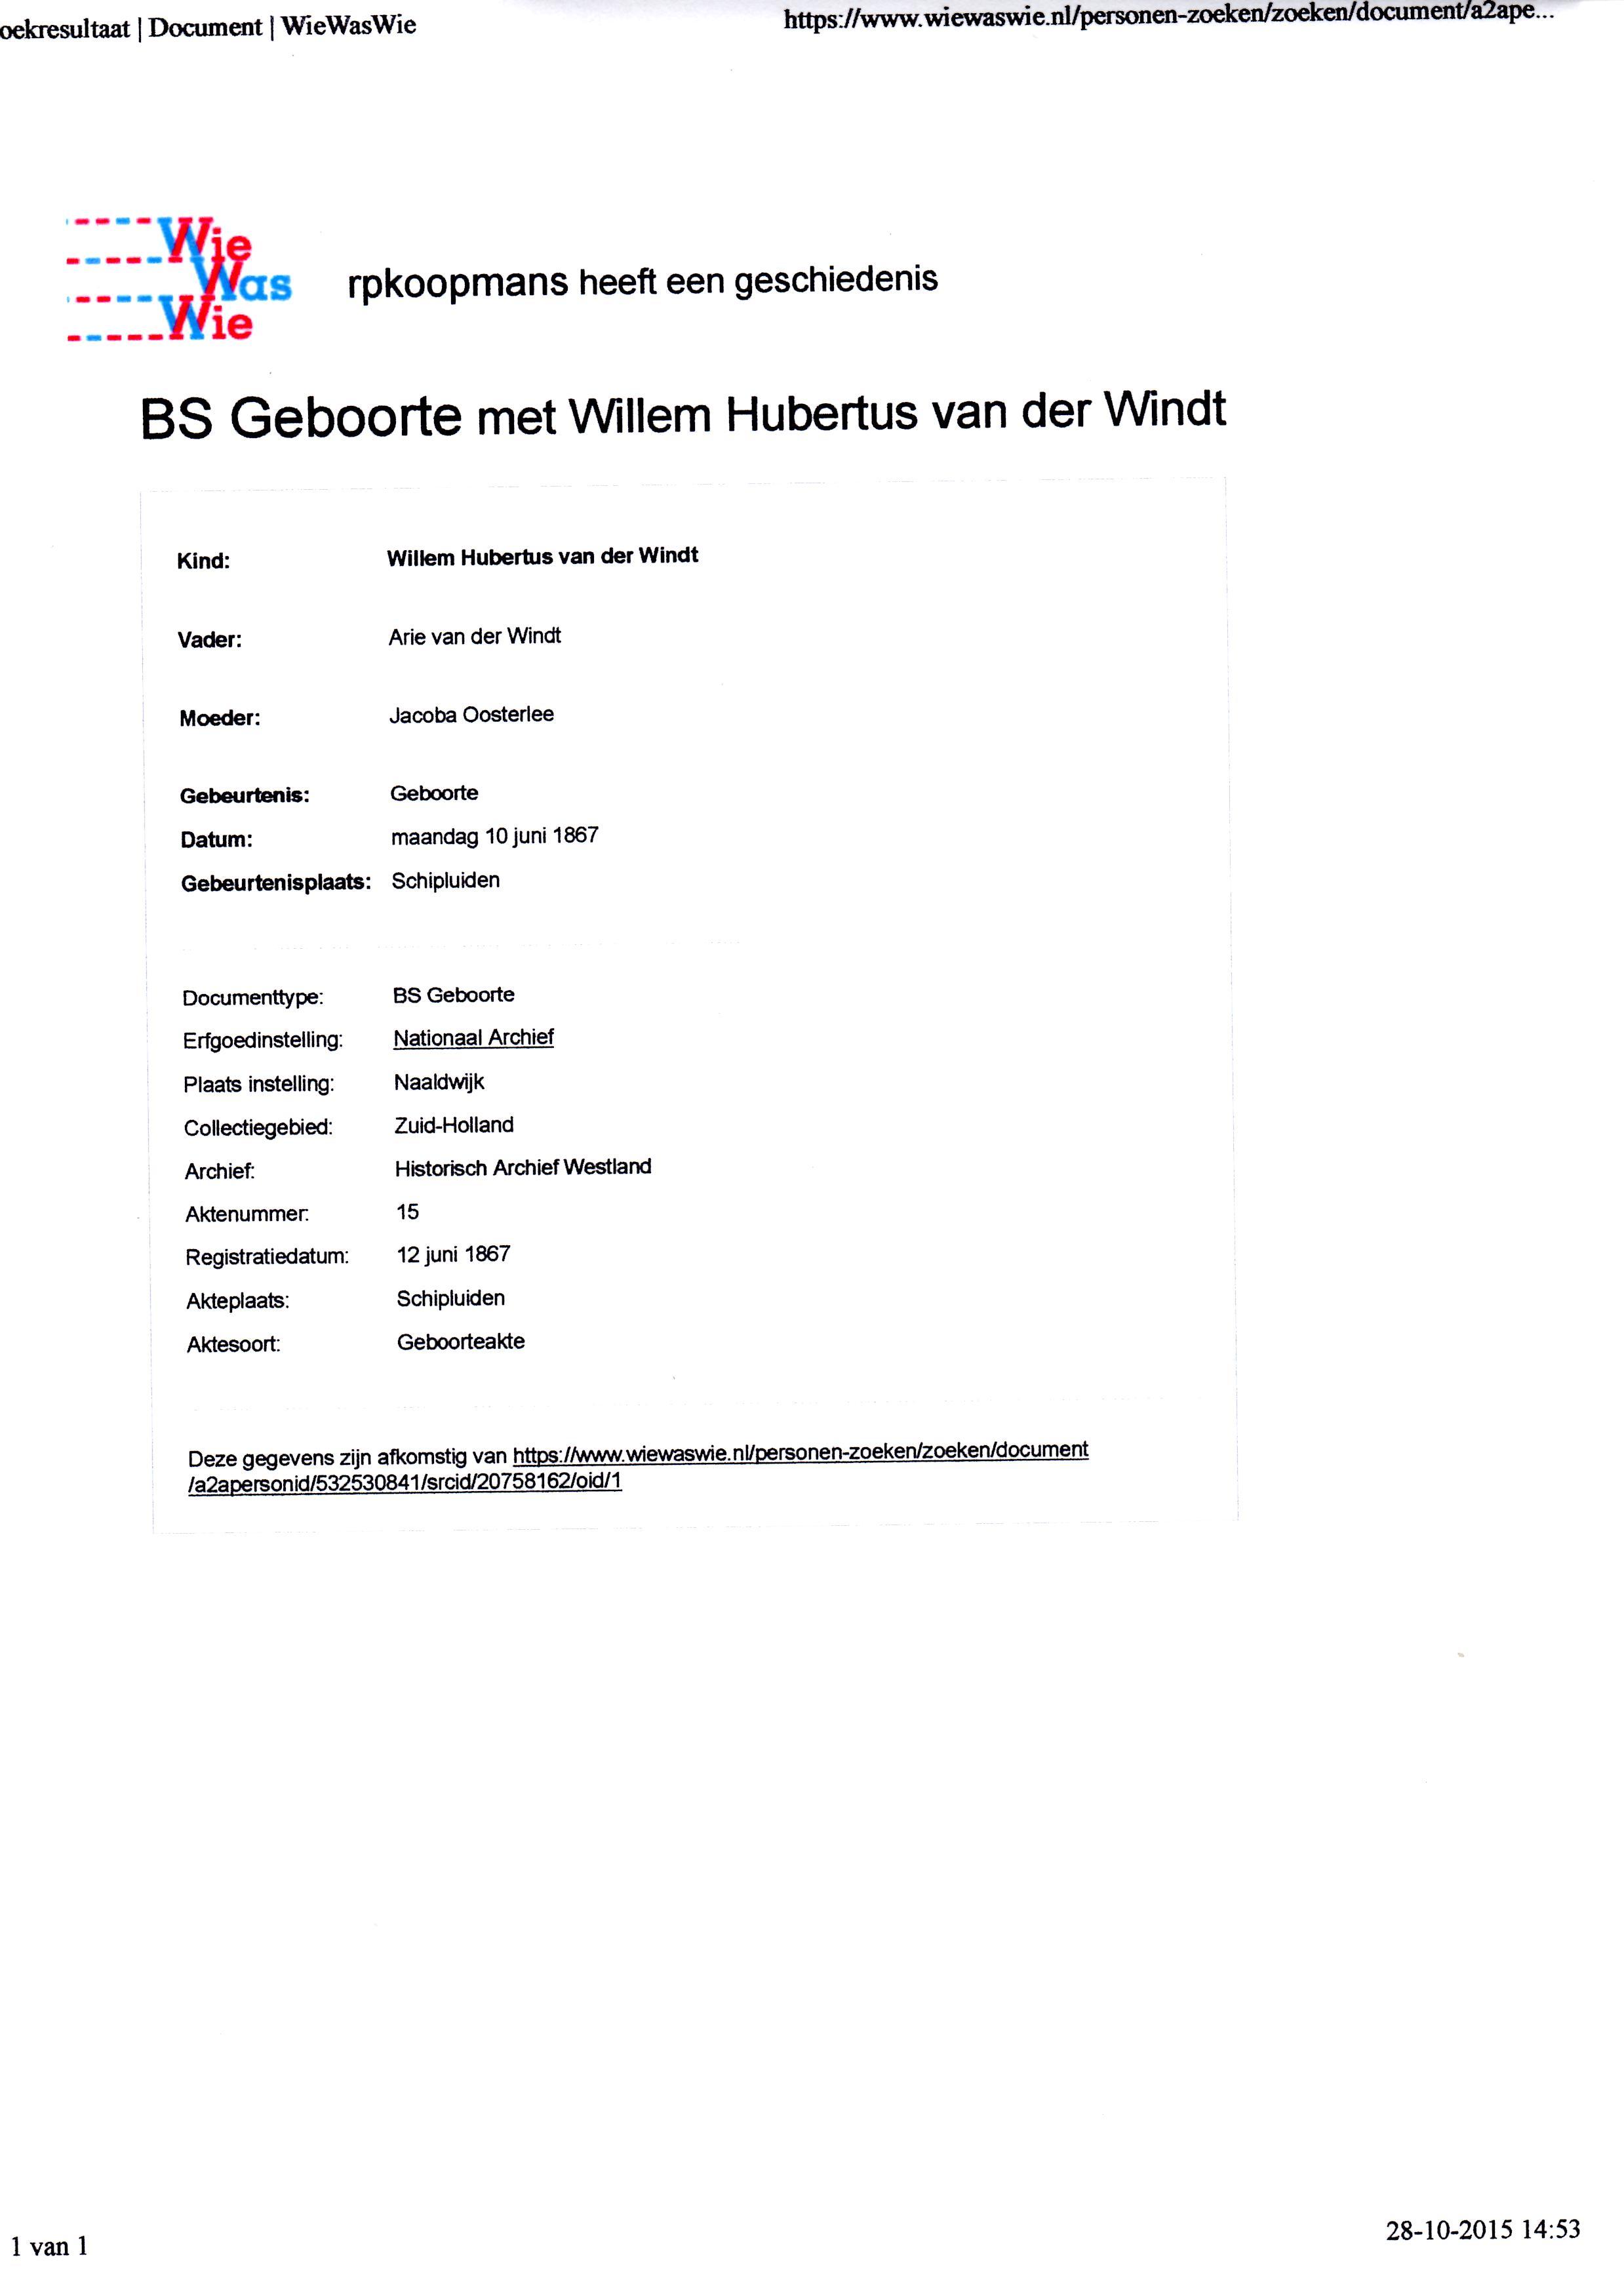 1867-06-10 Geboorte Willem Hubertus van der Windt